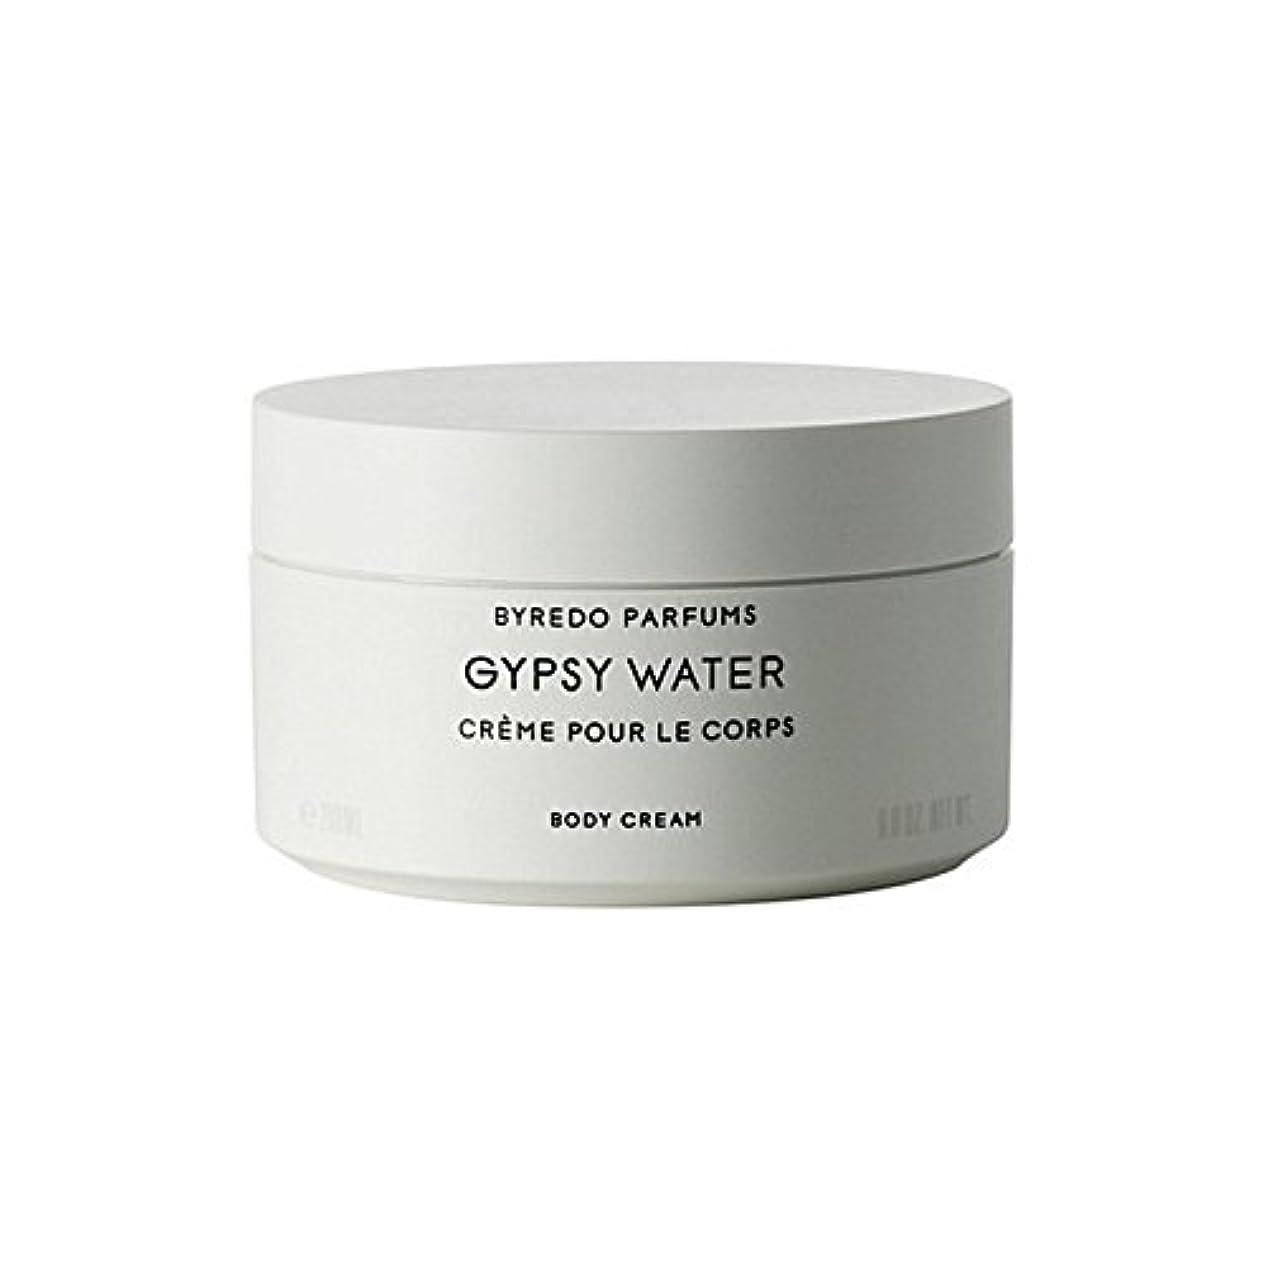 レンダー振り向く壊滅的なジプシー水ボディクリーム200ミリリットル x2 - Byredo Gypsy Water Body Cream 200ml (Pack of 2) [並行輸入品]